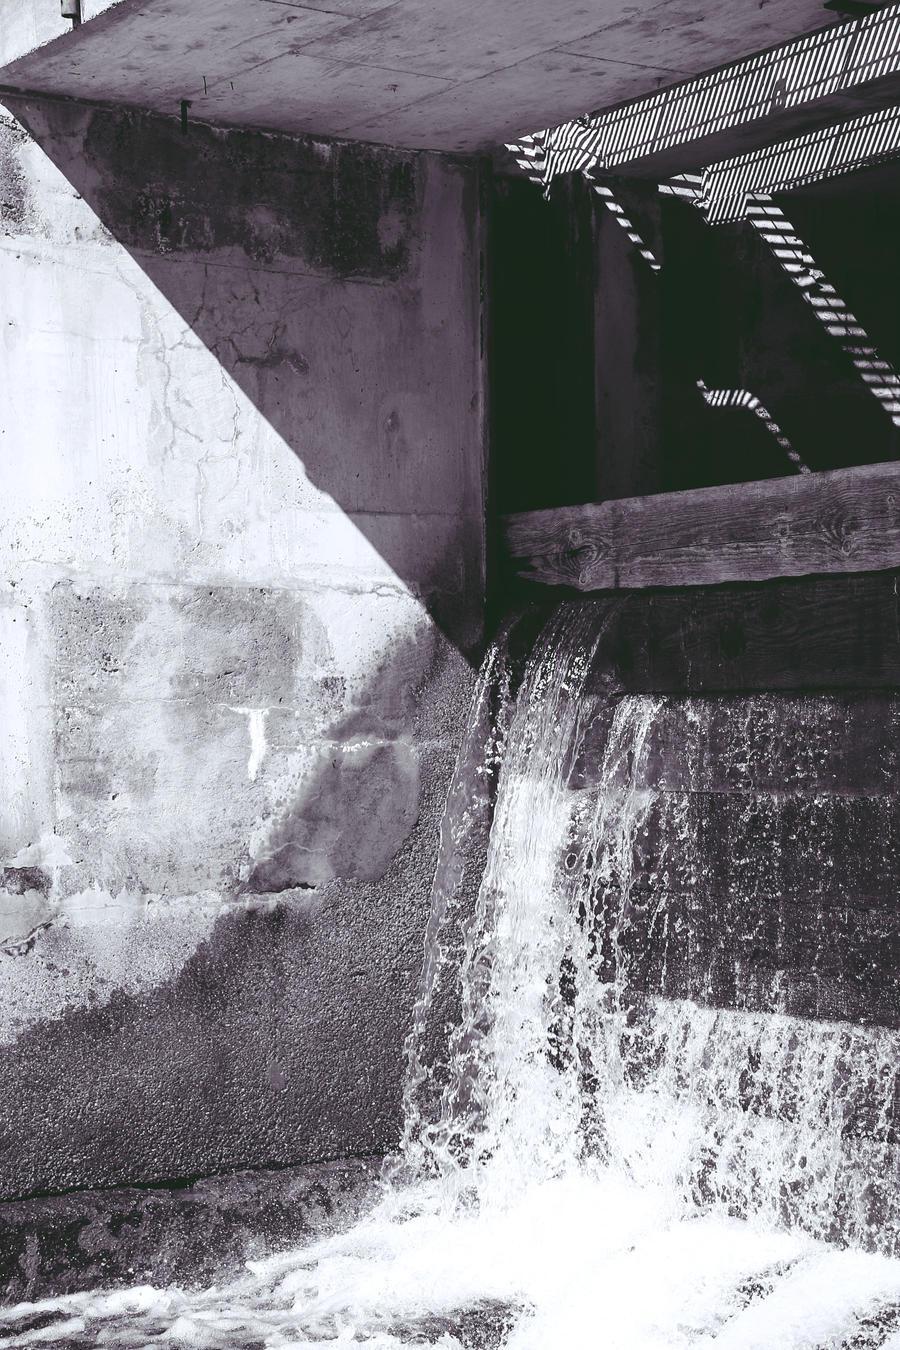 Bala Falls by Adrienneknott